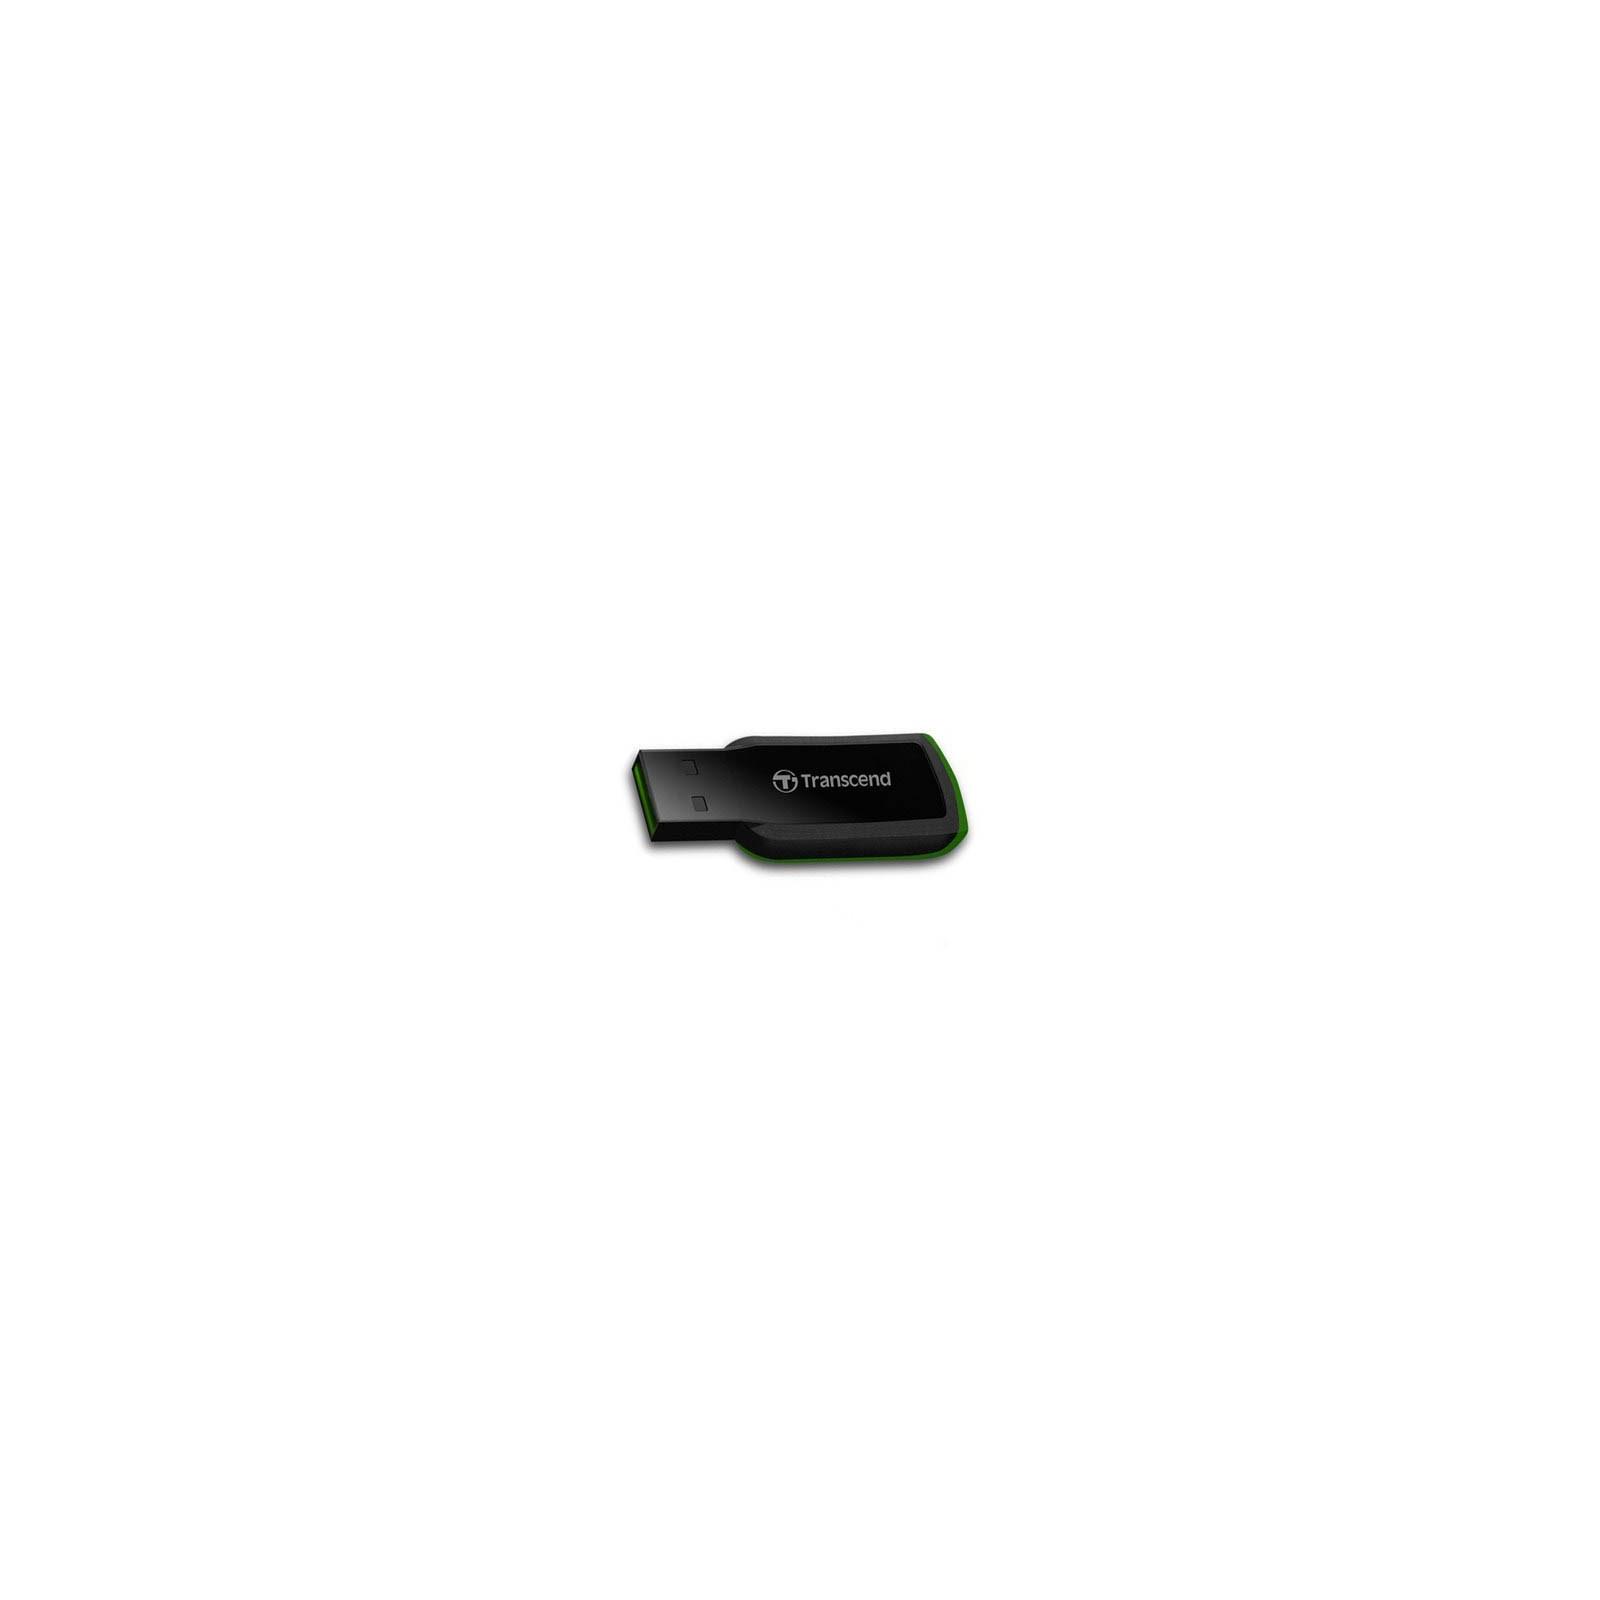 USB флеш накопитель Transcend 32Gb JetFlash 360 (TS32GJF360)